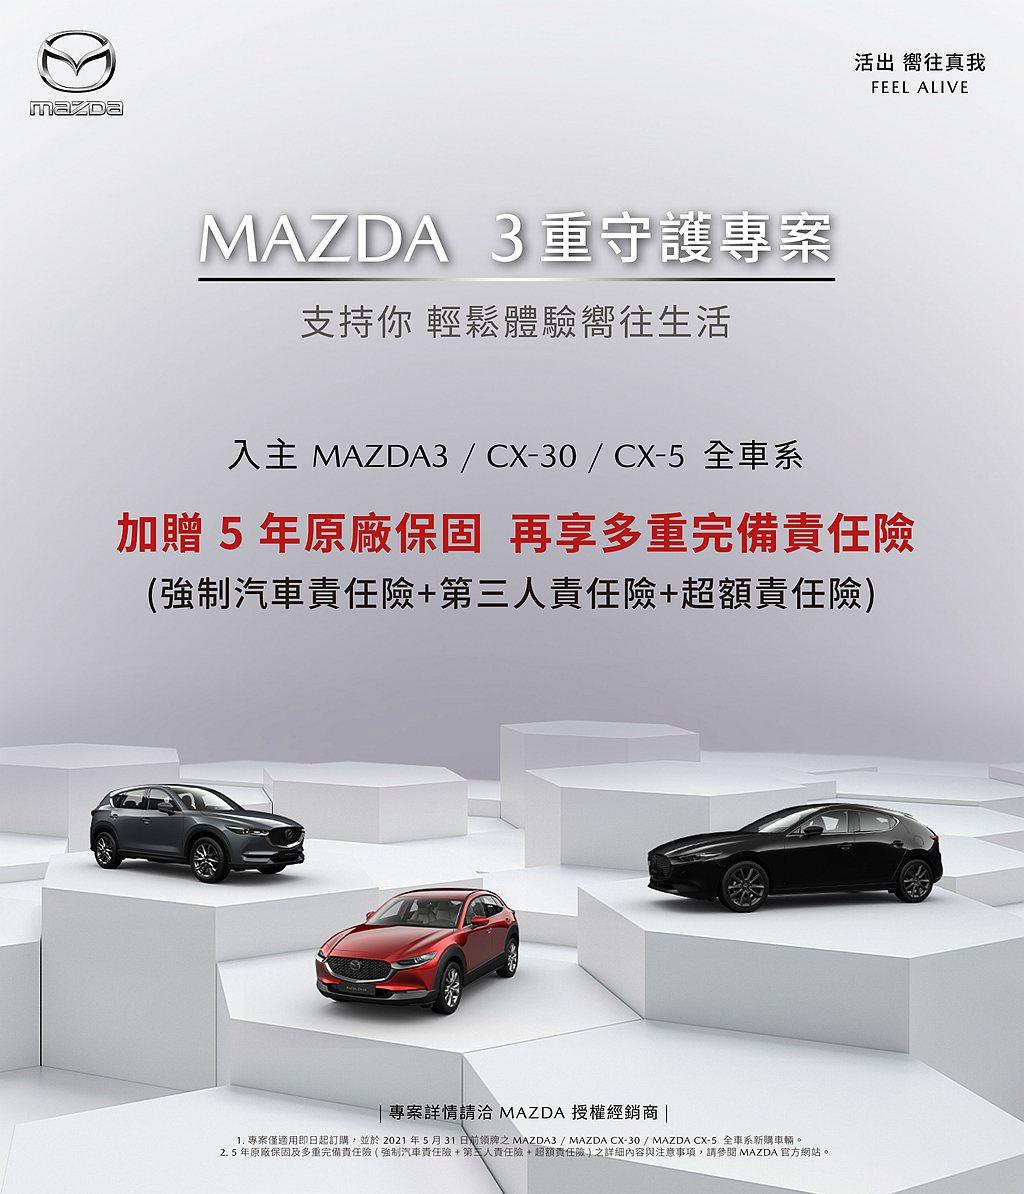 台灣馬自達推出「3重守護專案」,本月購買Mazda 3、CX-30、CX-5車系...